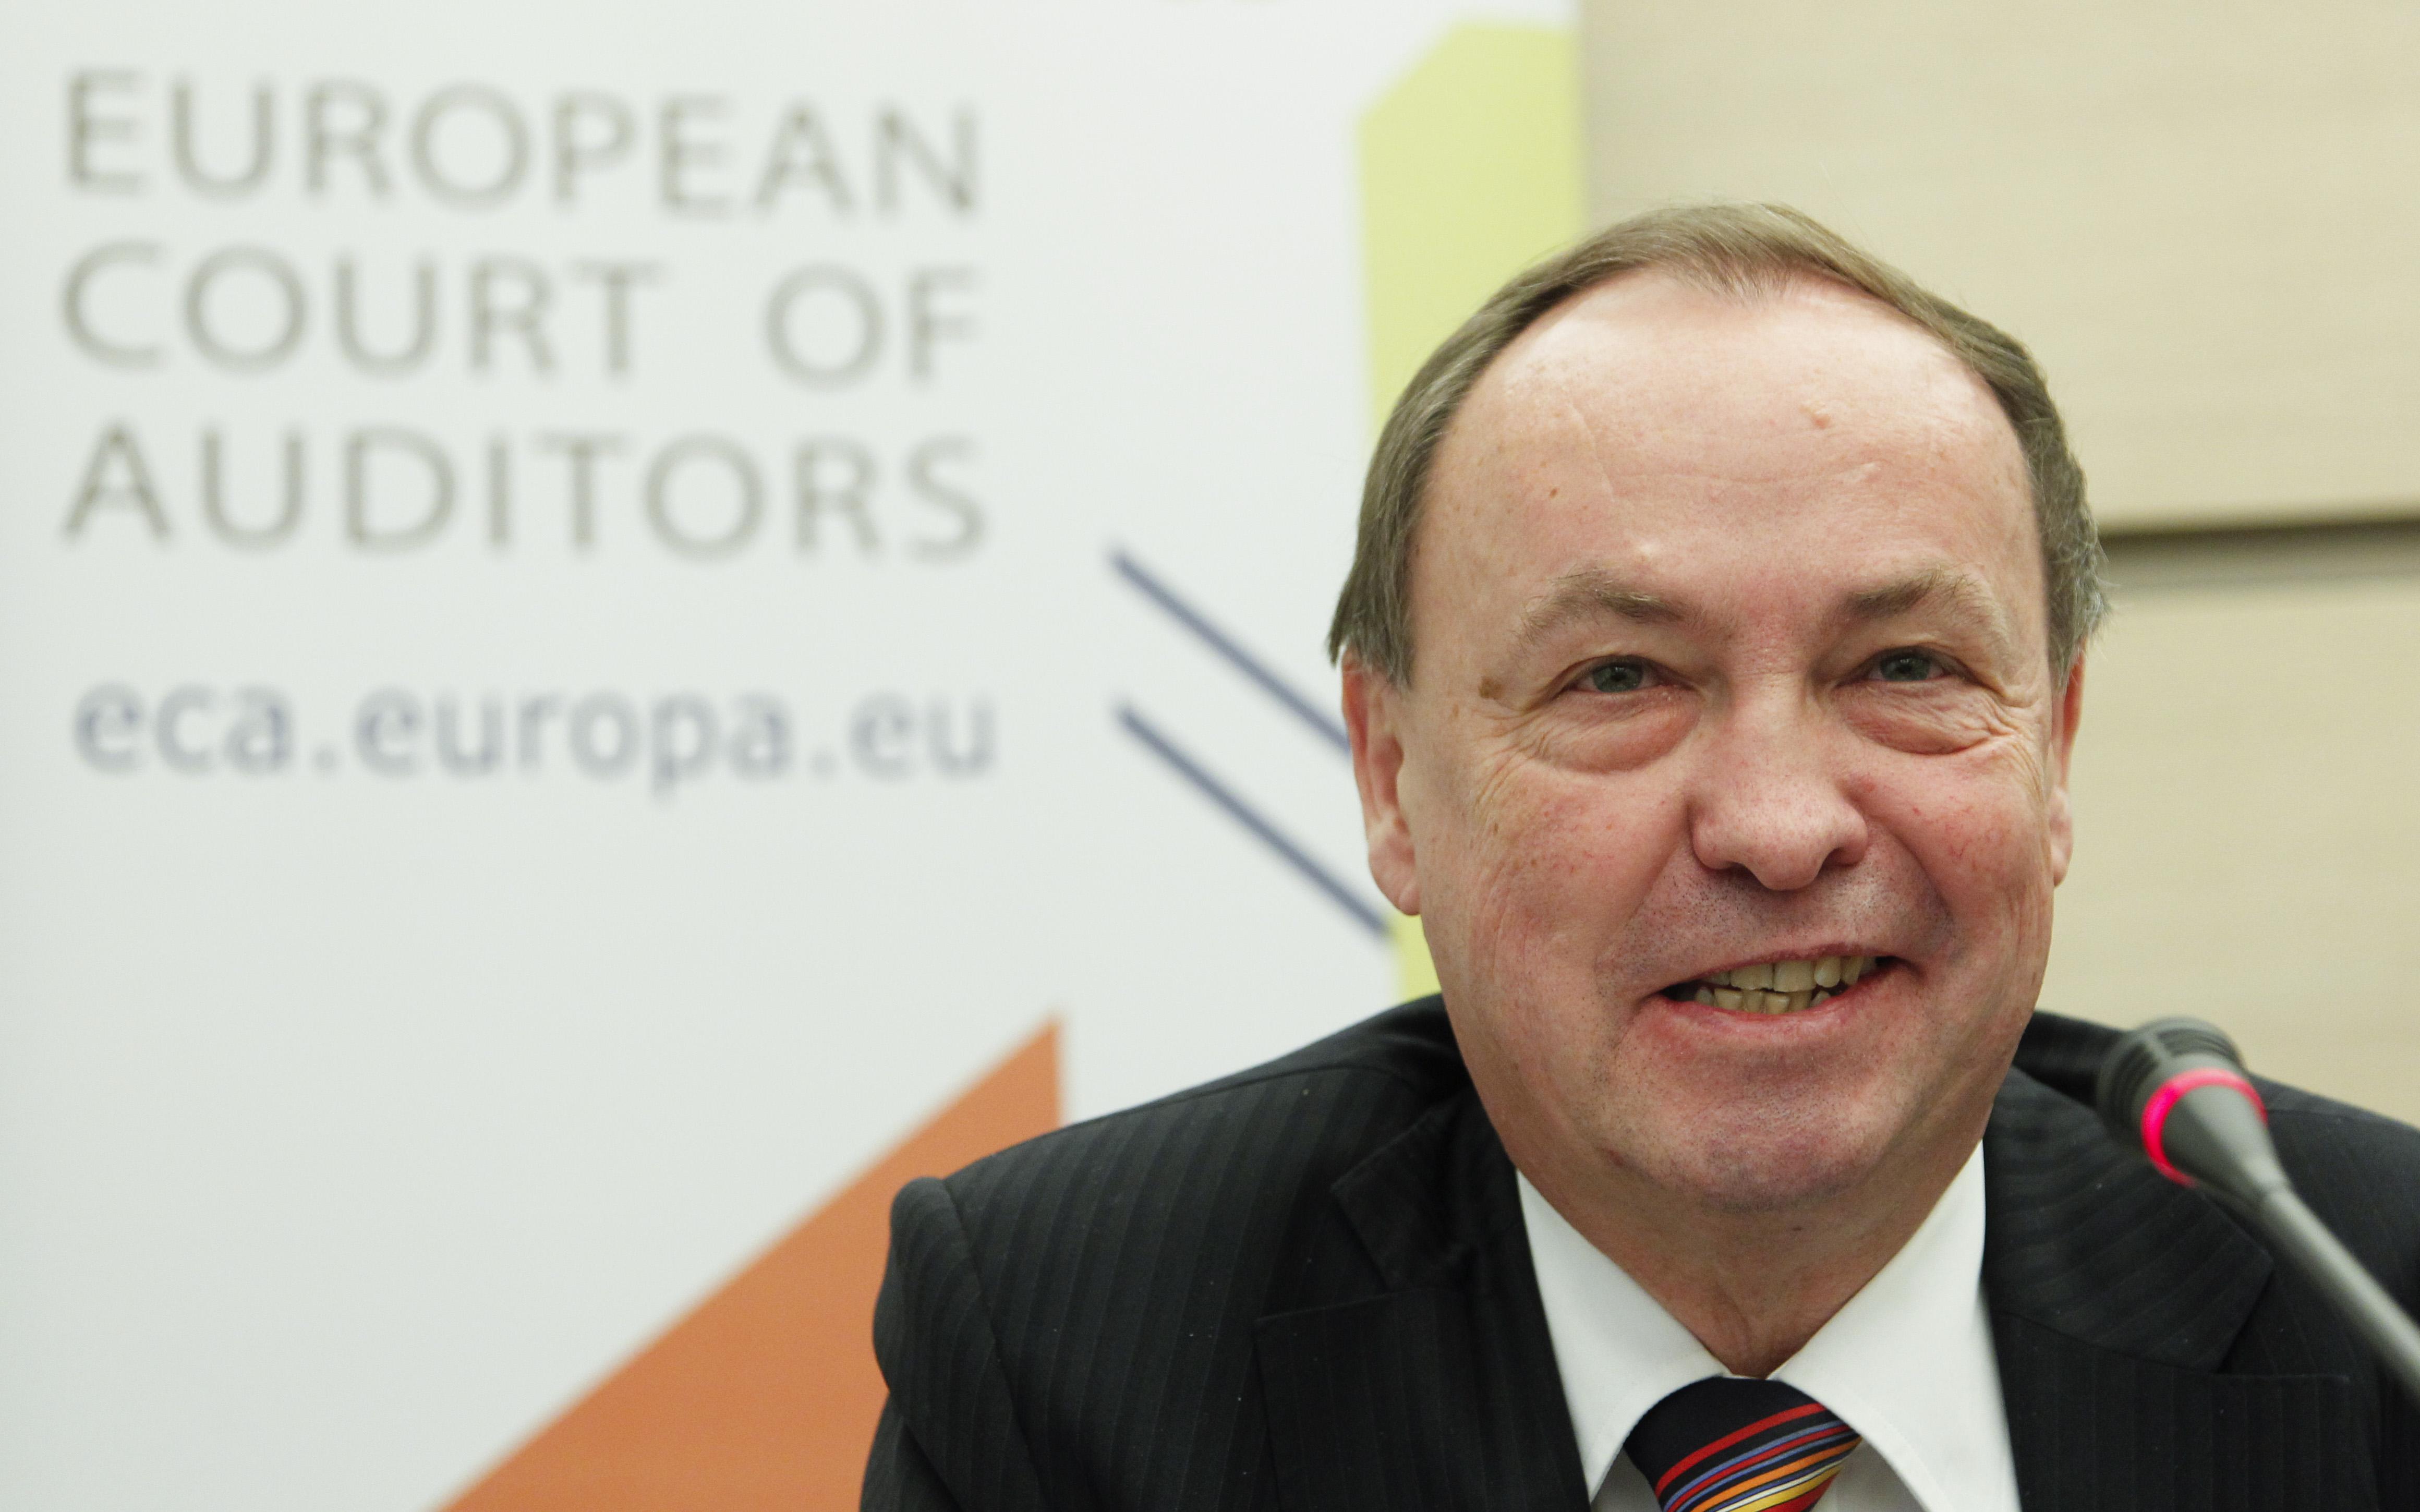 Harald Wögerbauer, Mitglied des europäischen Rechnungshofes auf der Pressekonferenz